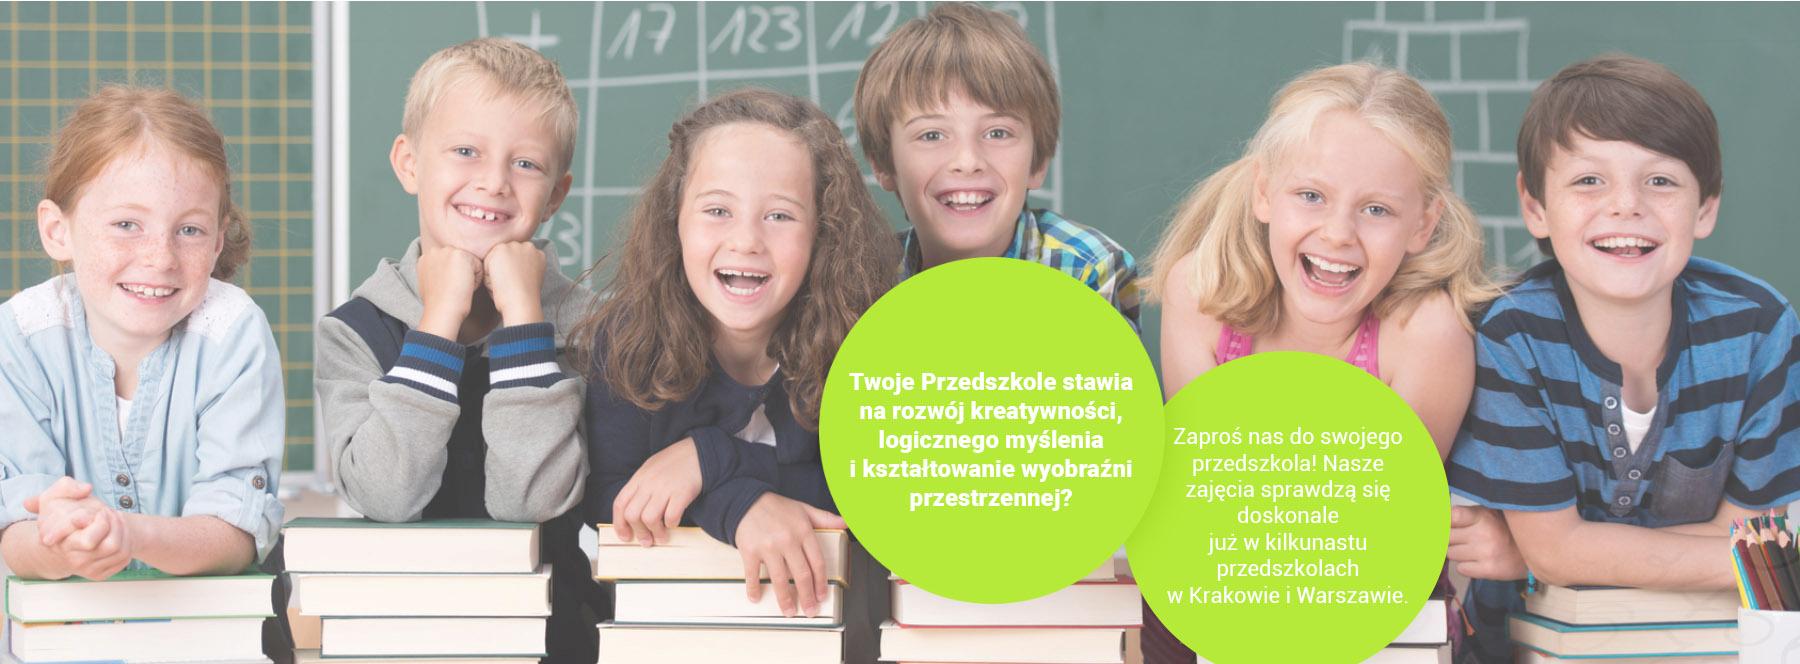 Twoja Przedszkole stawia na rozwój kreatywności, logicznego myślenia i kształtowanie wyobraźni przestrzennej? Zaproś nas do swojego przedszkola! Nasze zajęcia sprawdzają się doskonale już w kilkunastu przedszkolach w Krakowie i Warszawie.